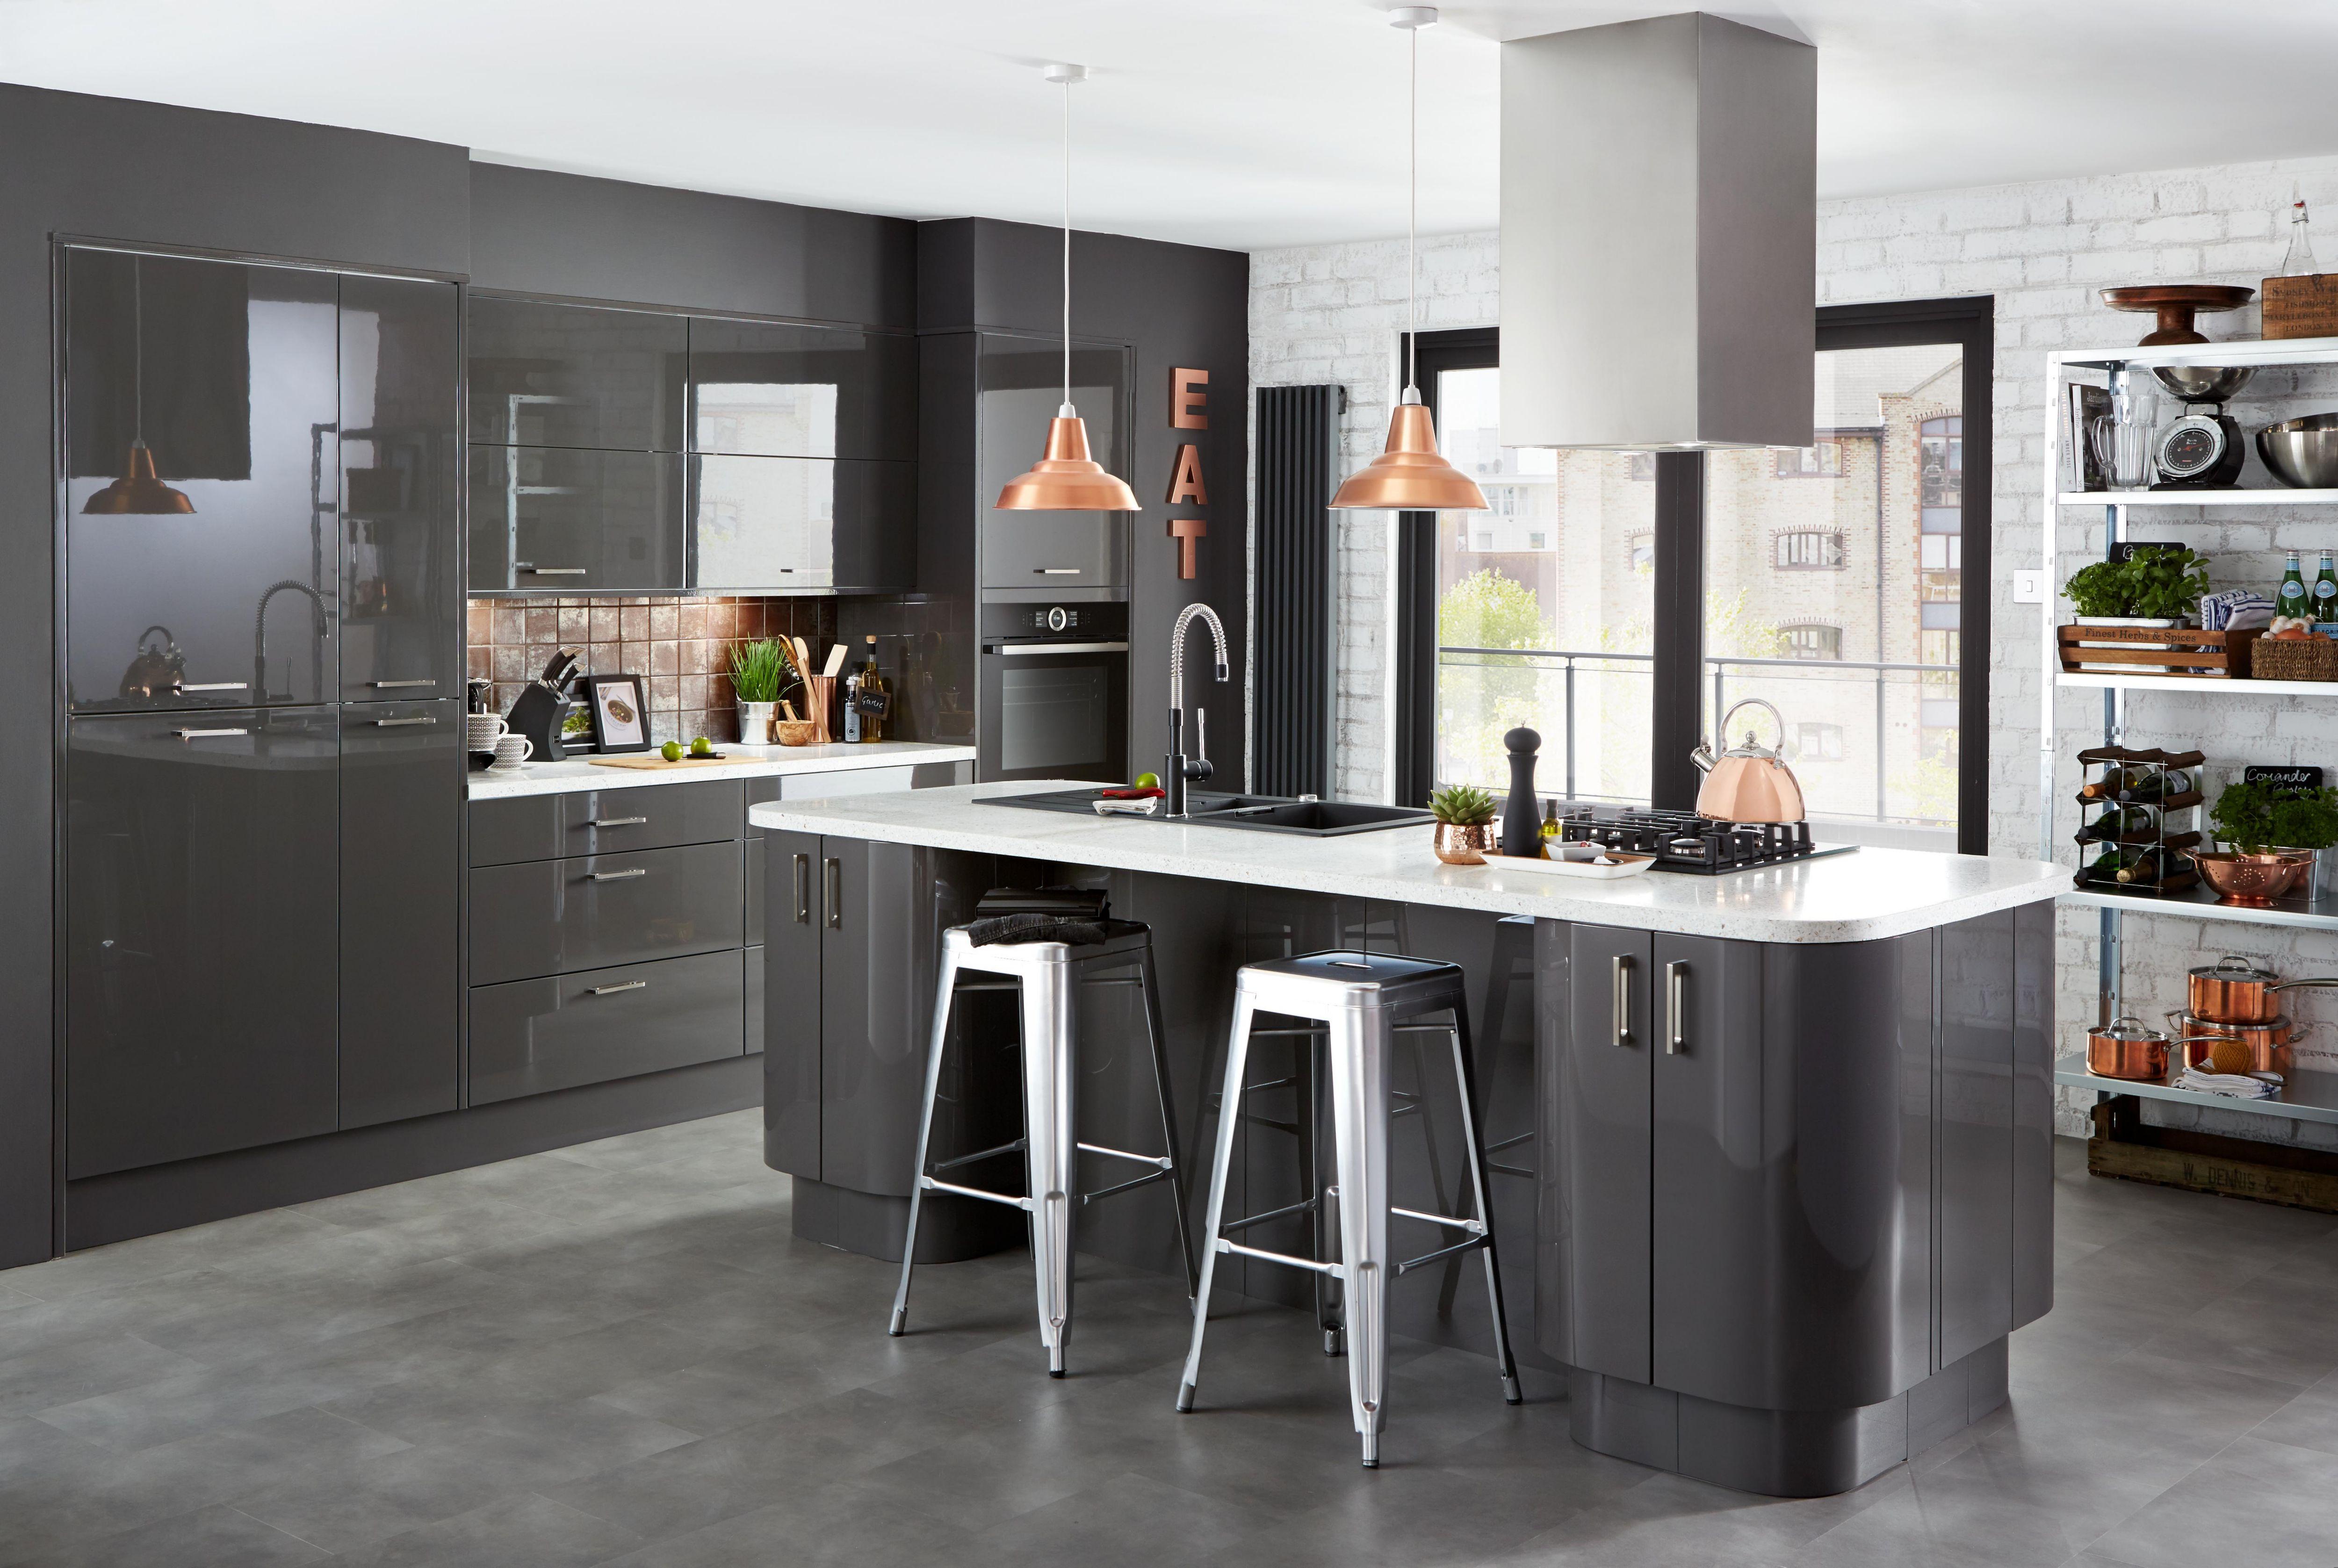 Contemporary kitchen design ideas Help Ideas DIY at BQ